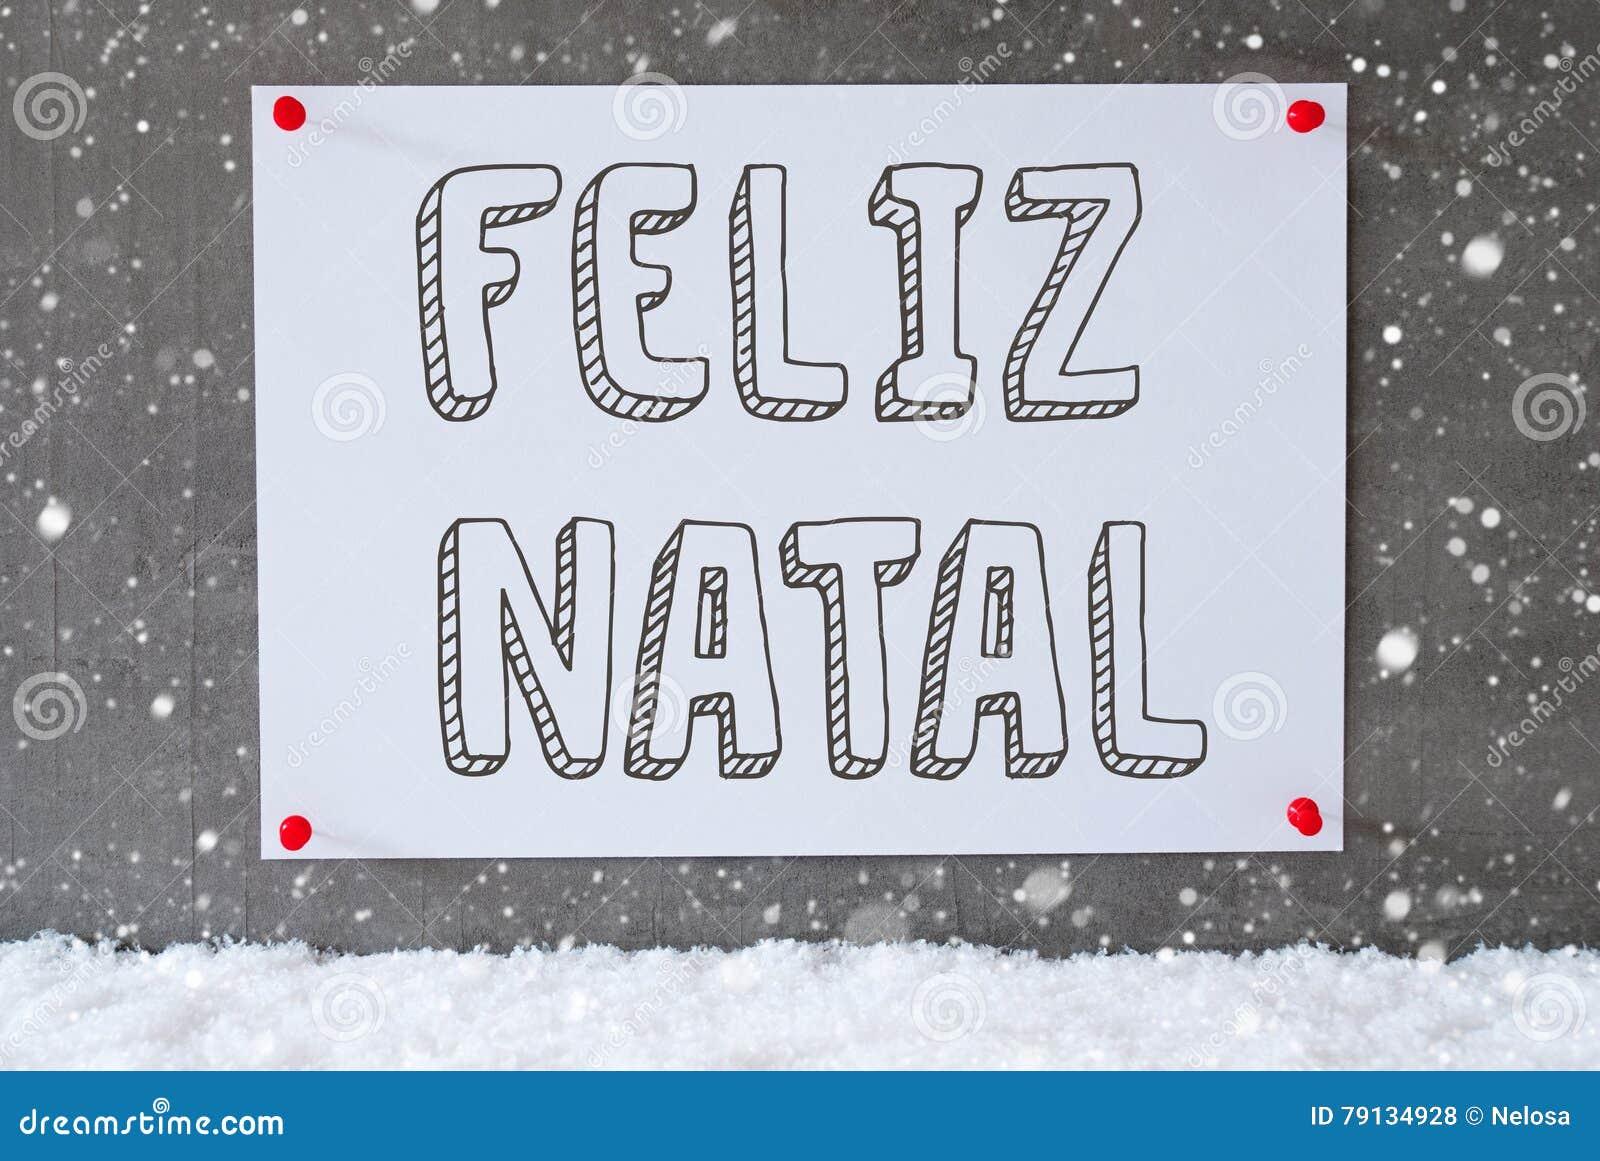 Etiqueta En La Pared Del Cemento, Copos De Nieve, Feliz Natal Means ...